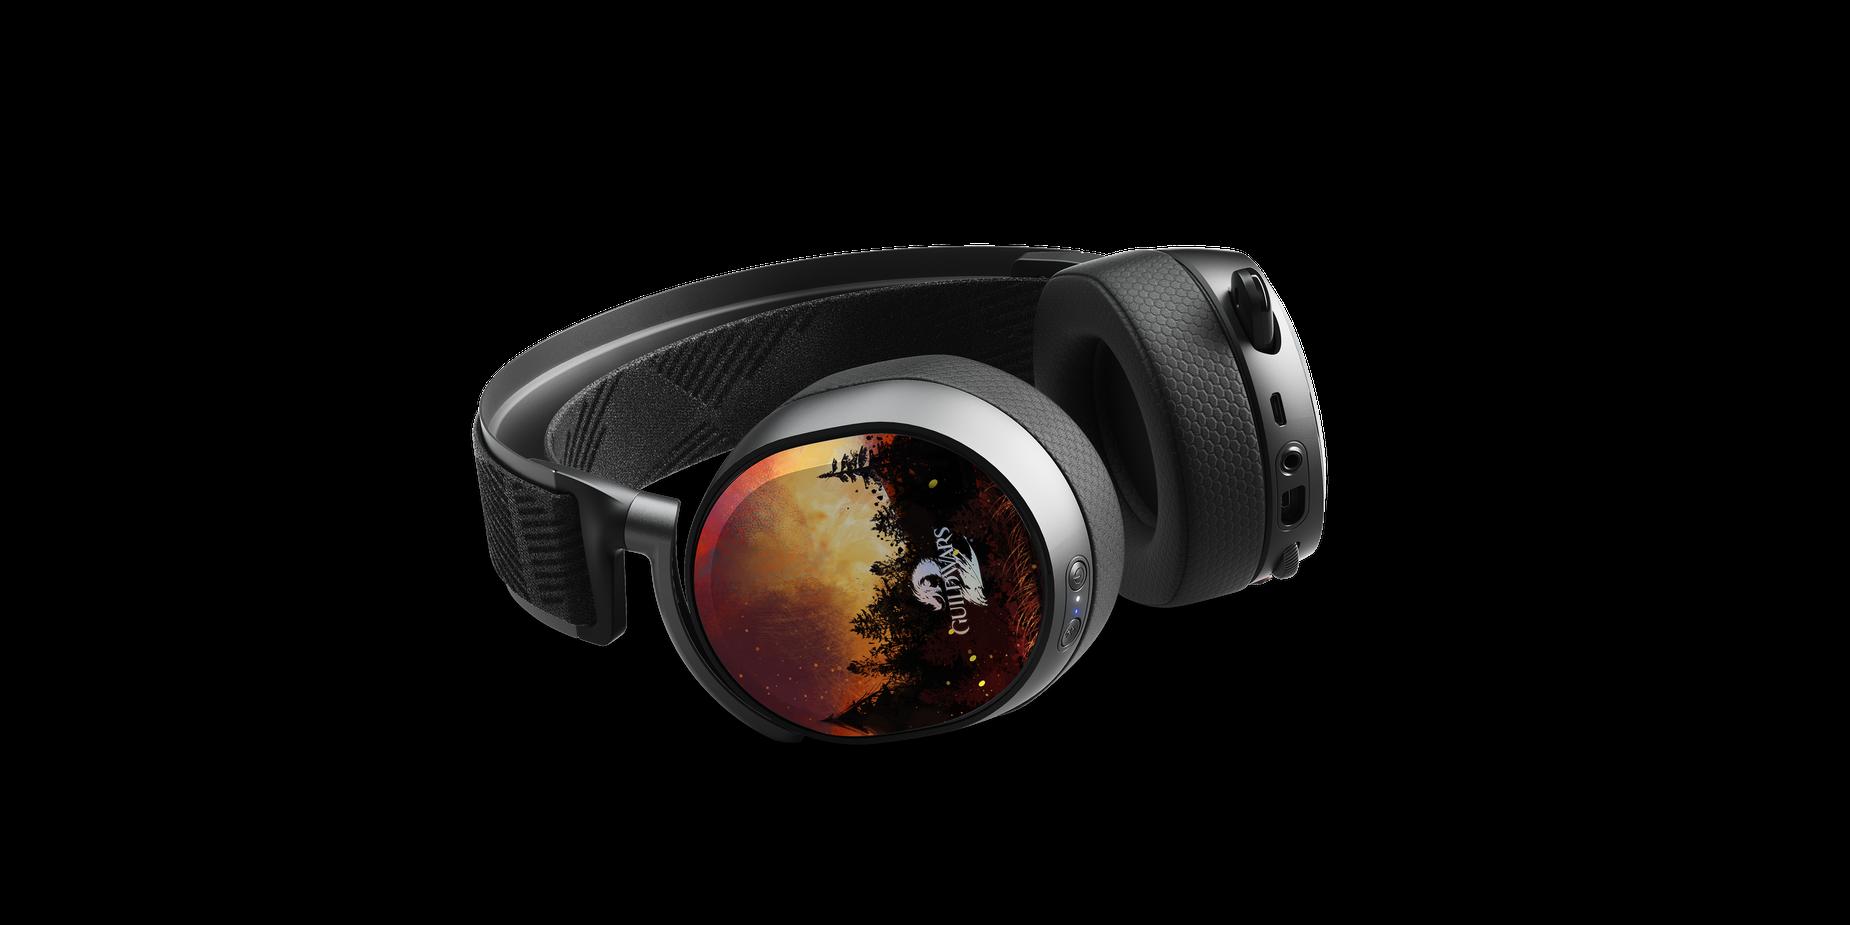 Plaques d'écouteur illustrant les deux aspects de la Tyrie, d'un côté les flammes brûlantes et de l'autre le froid glacial, sur un casque audio Arctis Pro posé sur le côté.